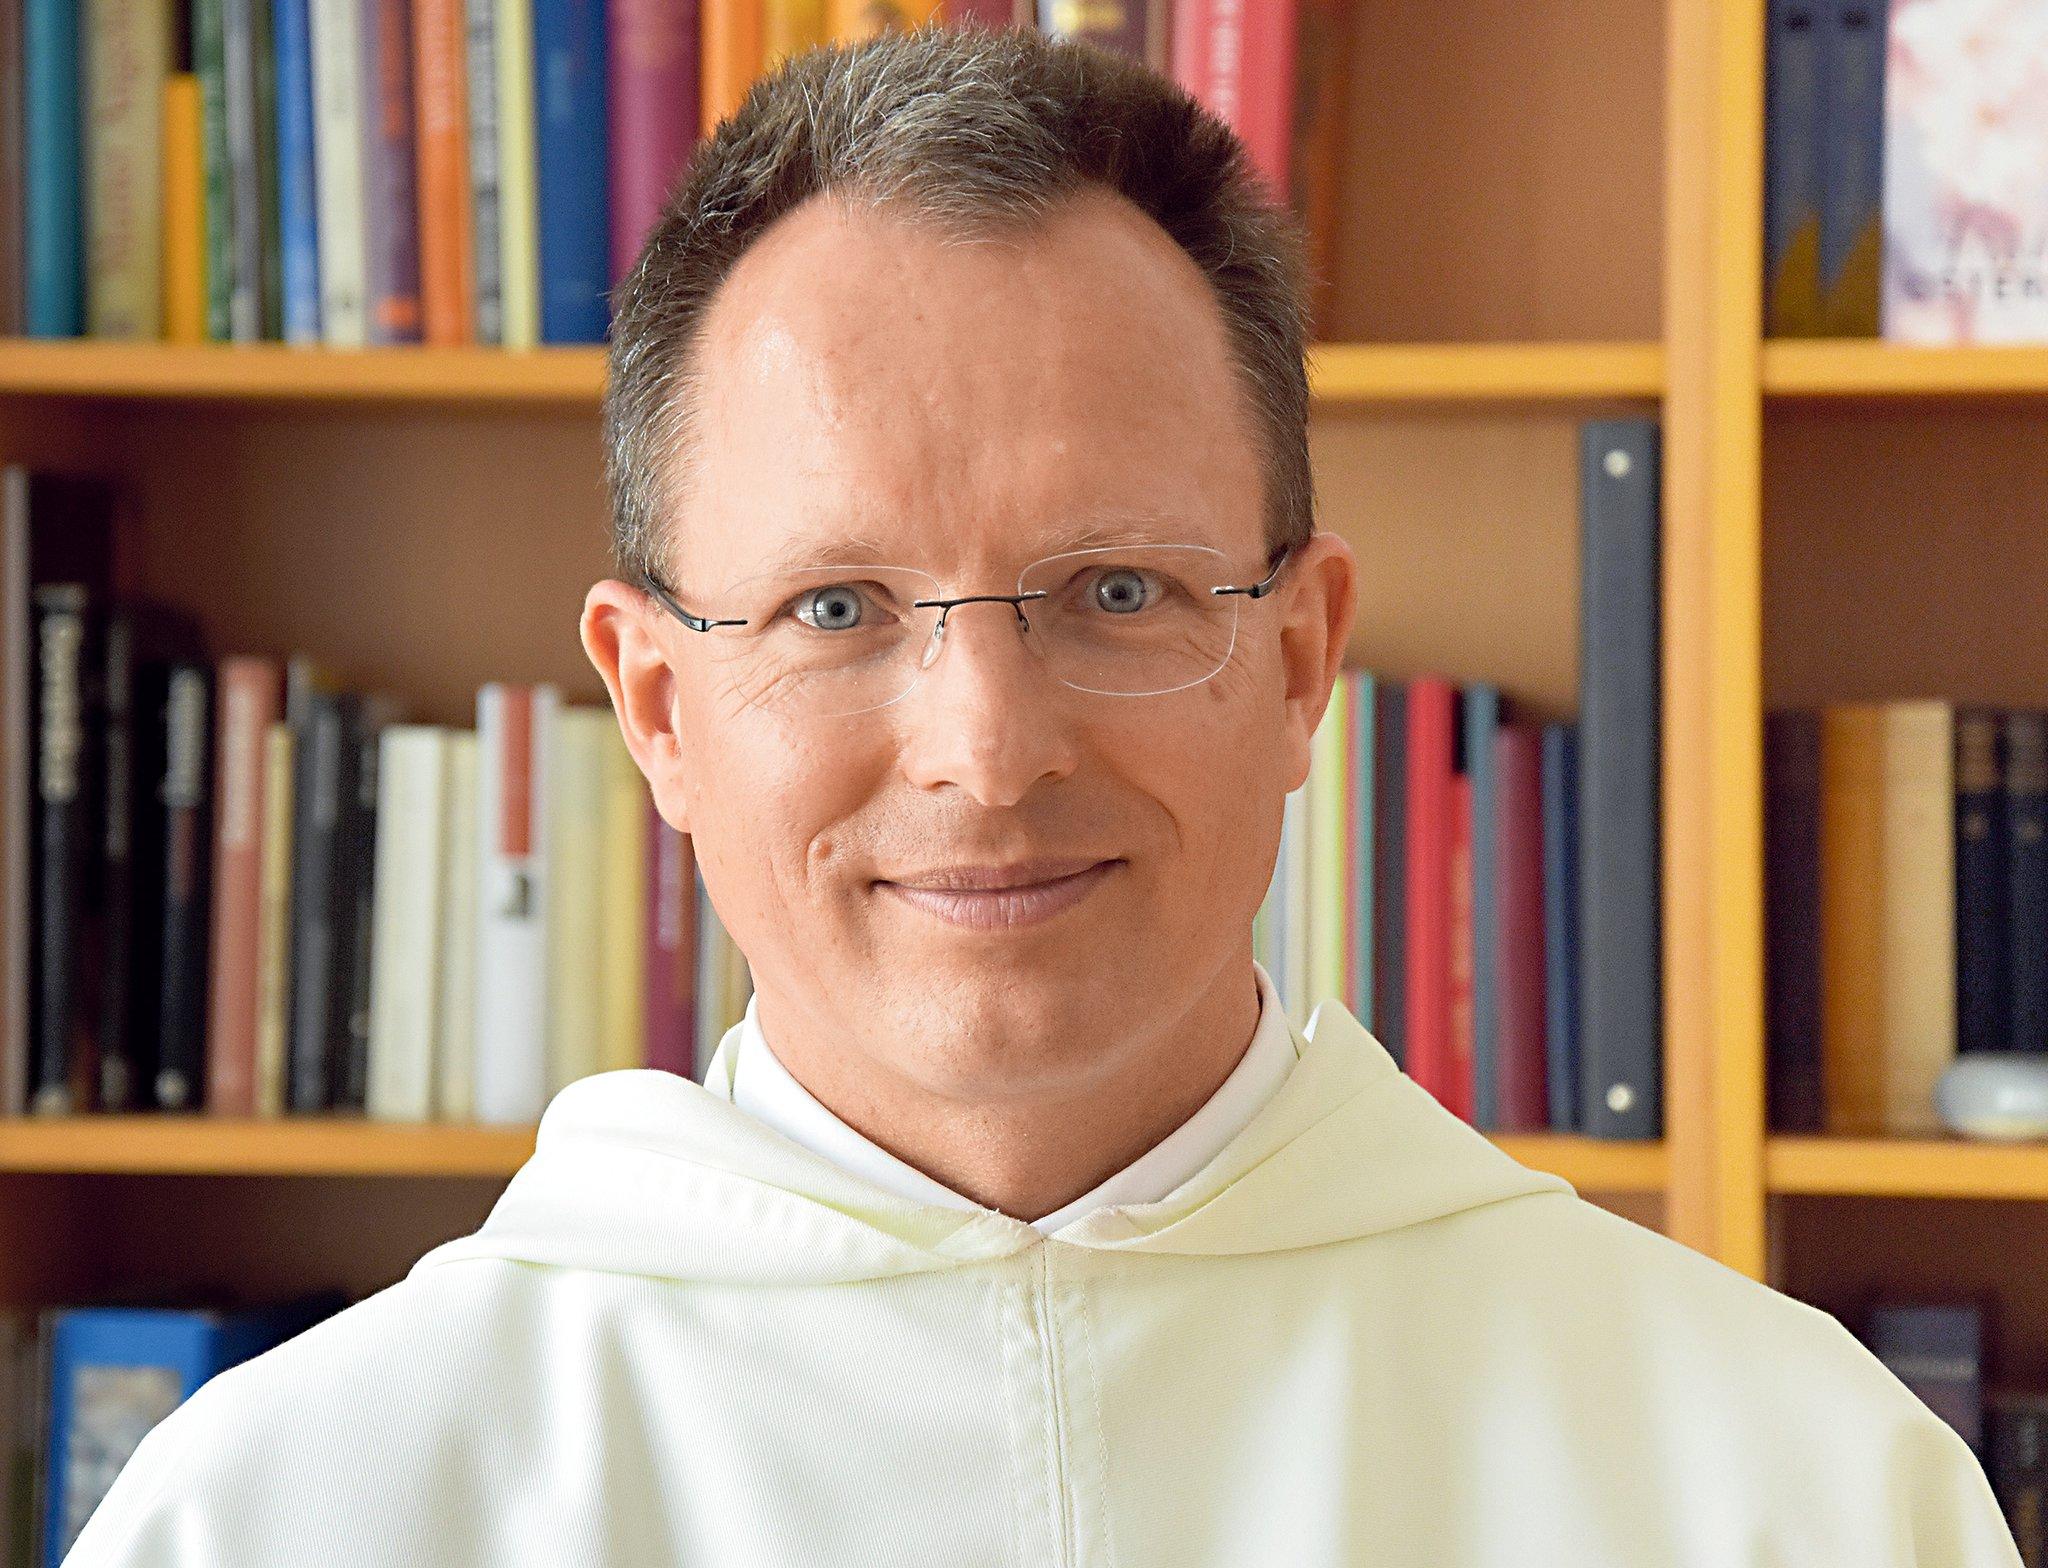 P. Markus Langer